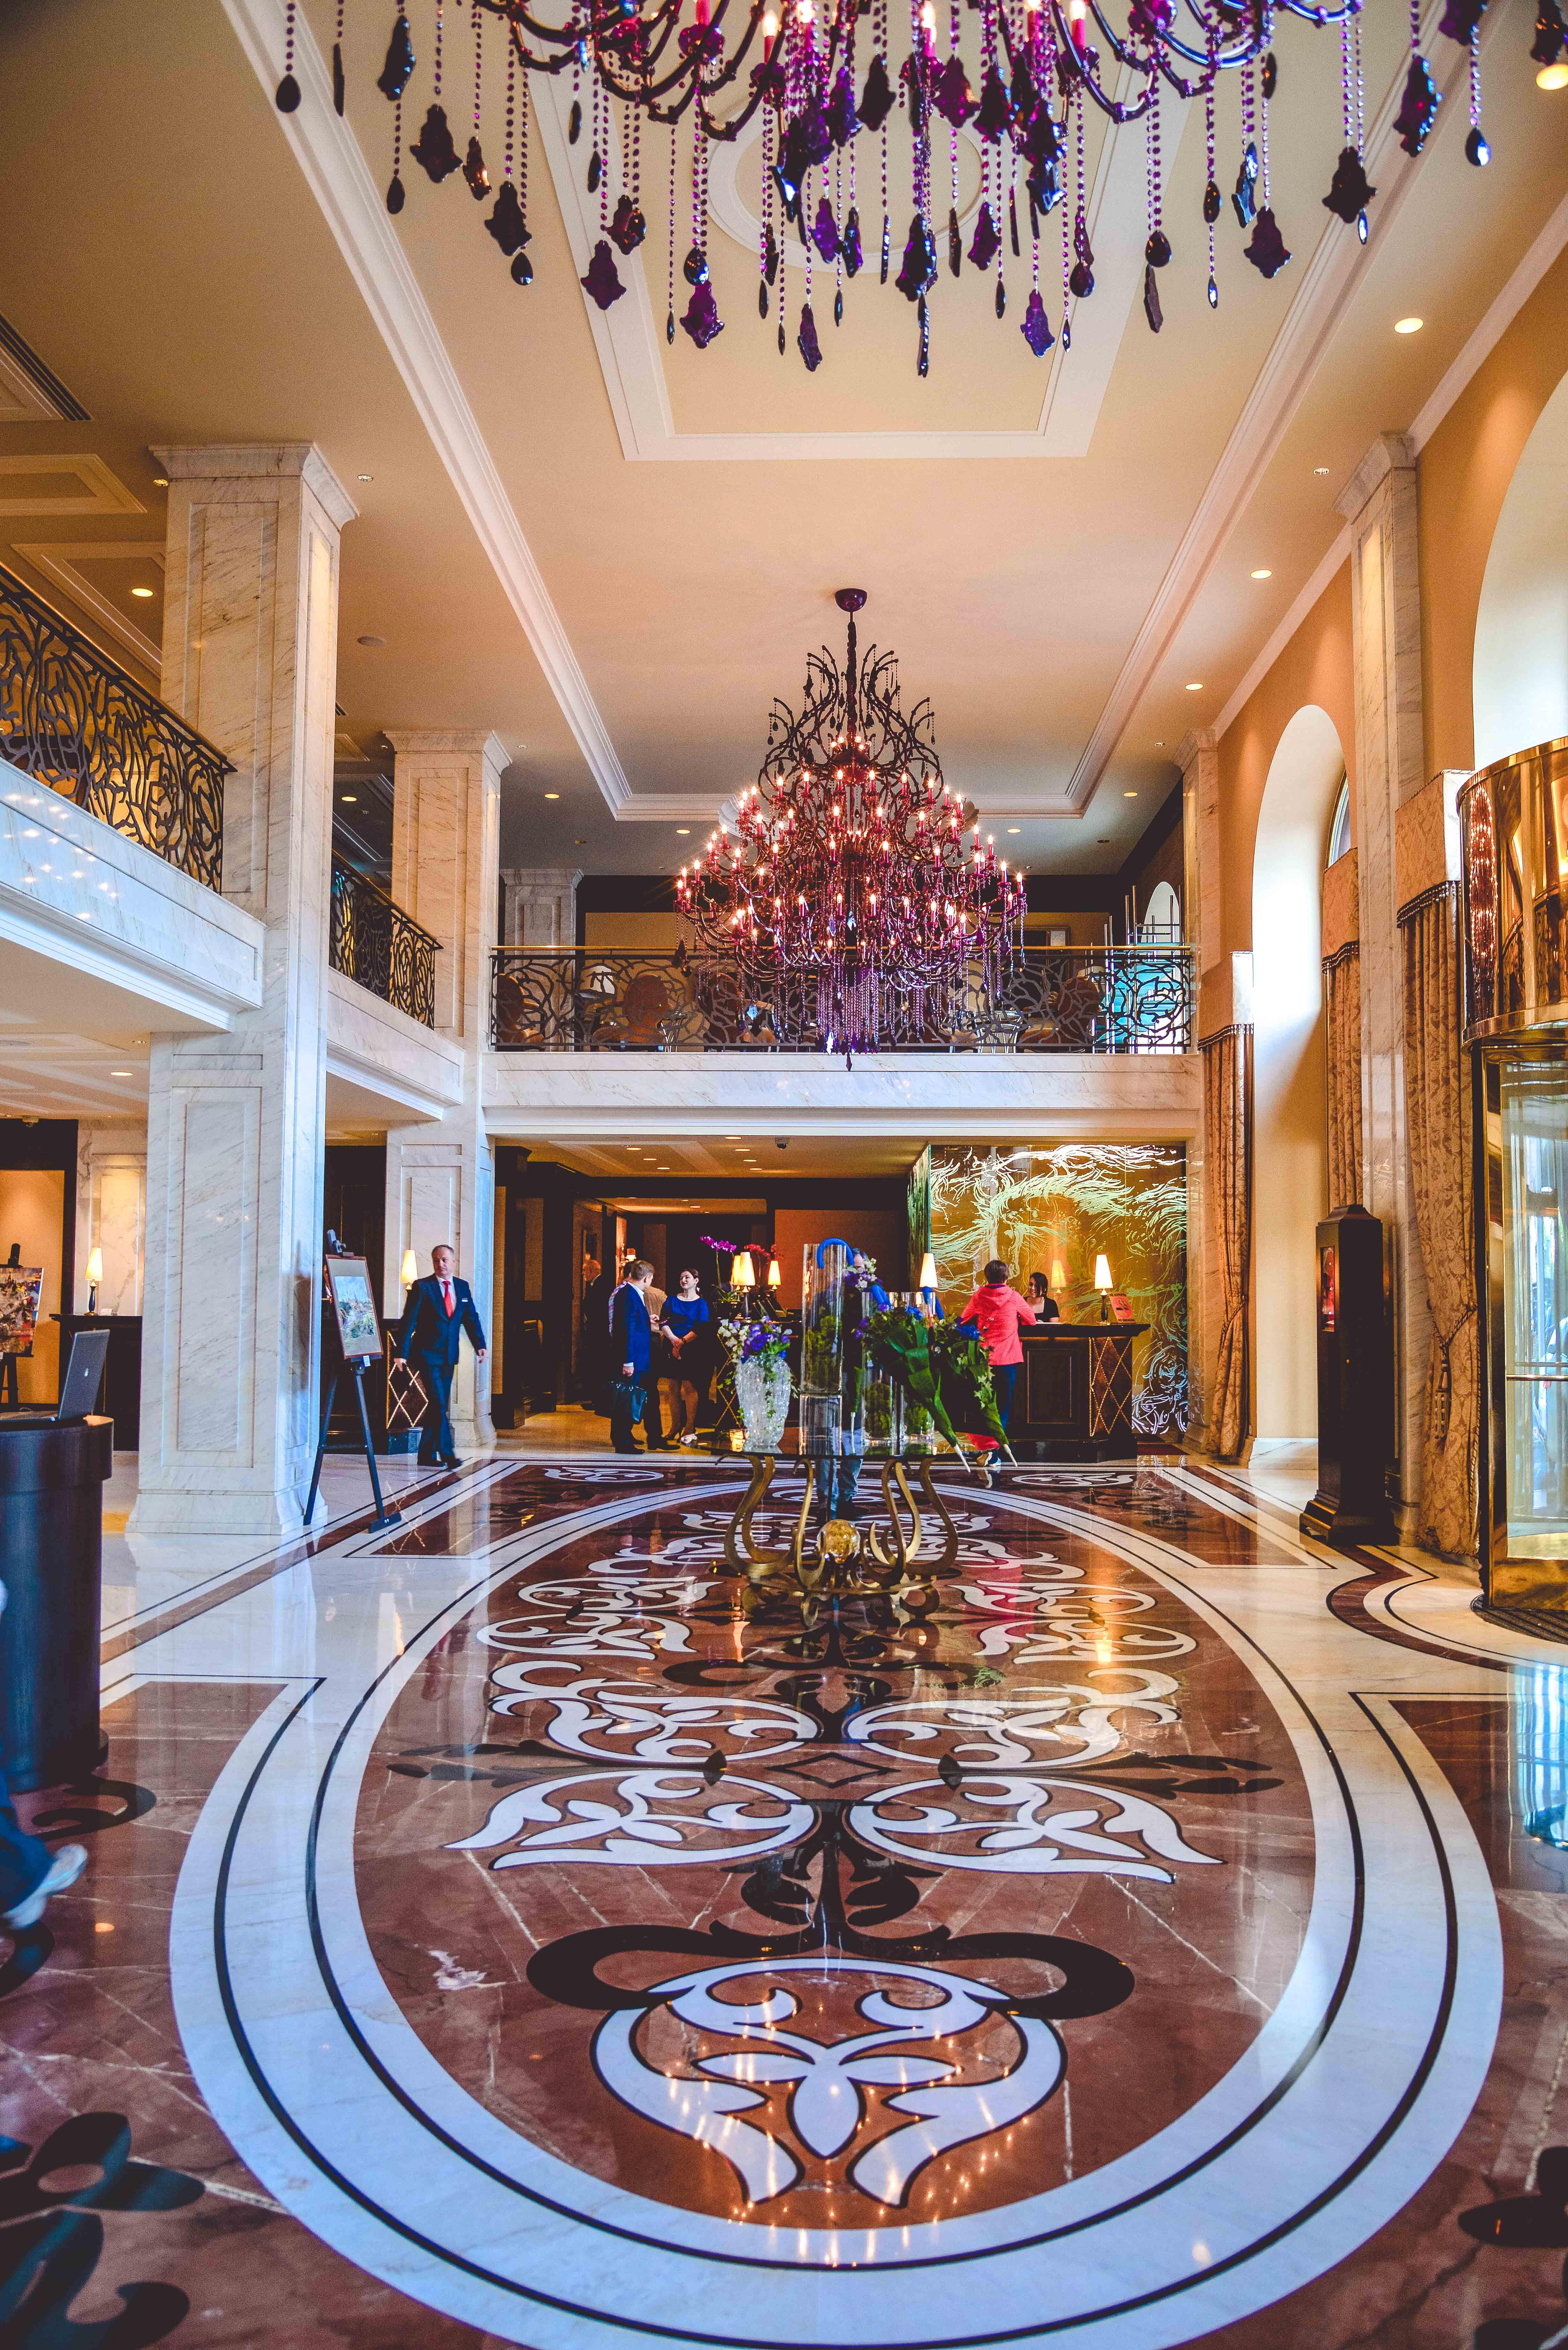 五彩俄罗斯——莫斯科,看得见绝美风景的房间,本身就是一场旅行 - hubao.an - hubao.an的博客